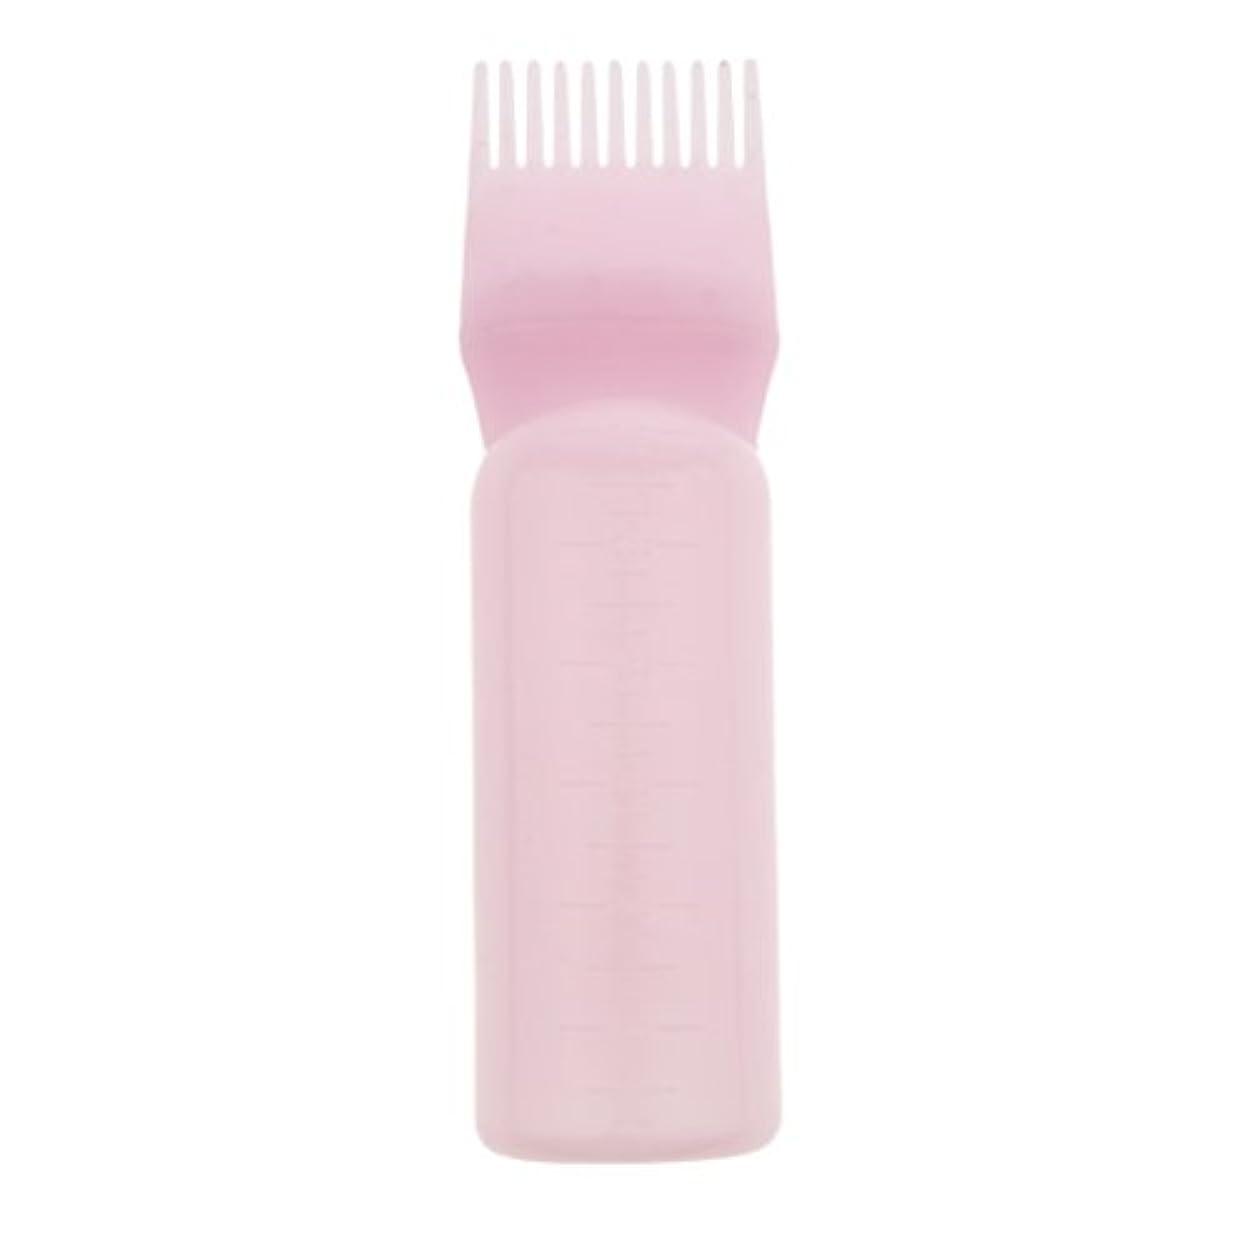 岩換気純度髪染め ヘアカラー ヘアダイ ボトル ディスペンサーブラシ ヘアサロン 2タイプ選べる - ピンク